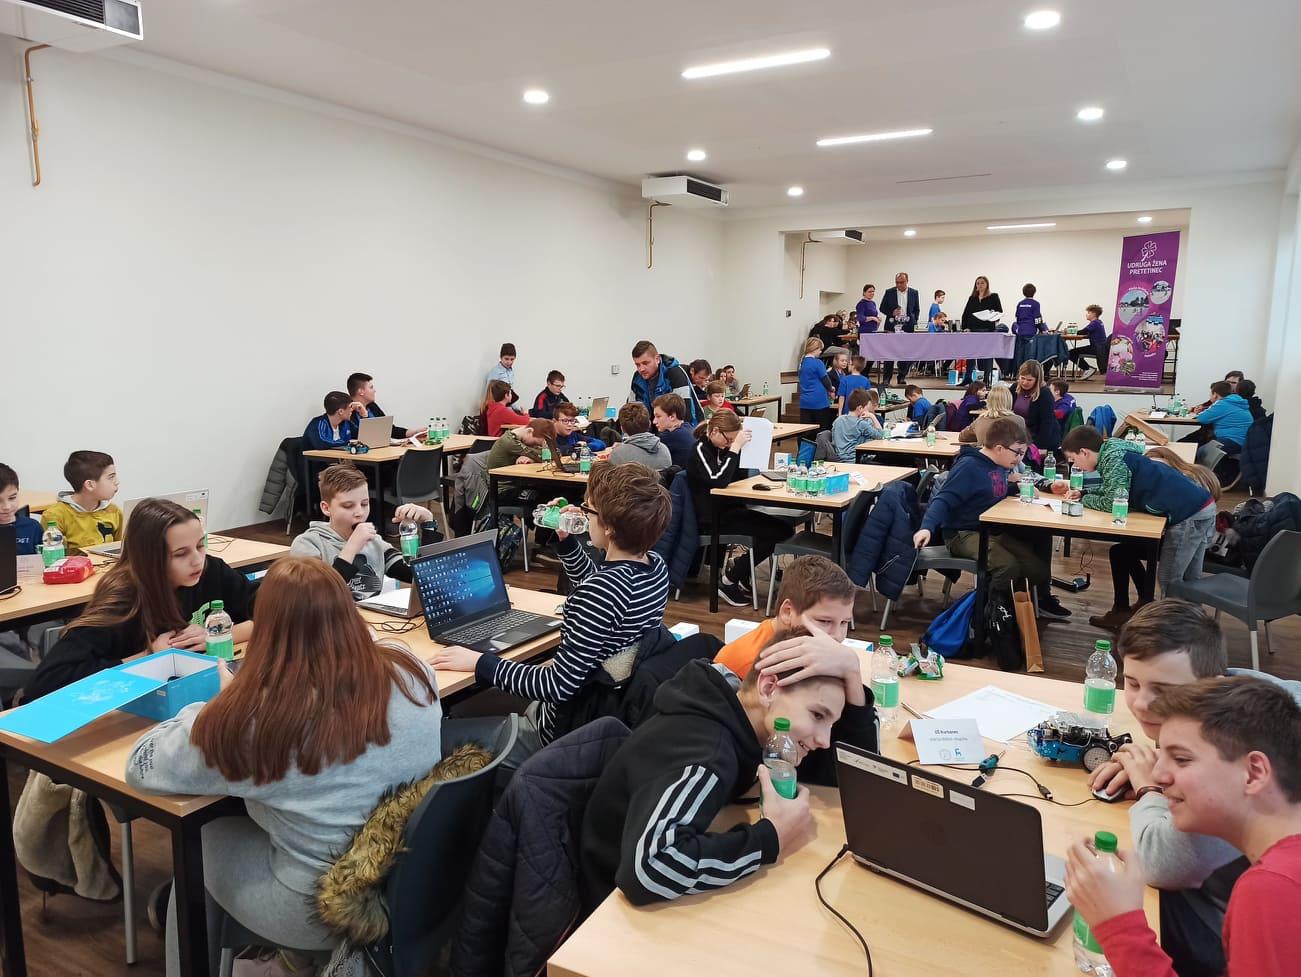 Konačni rezultati fizičkog kola Croatian Makers lige